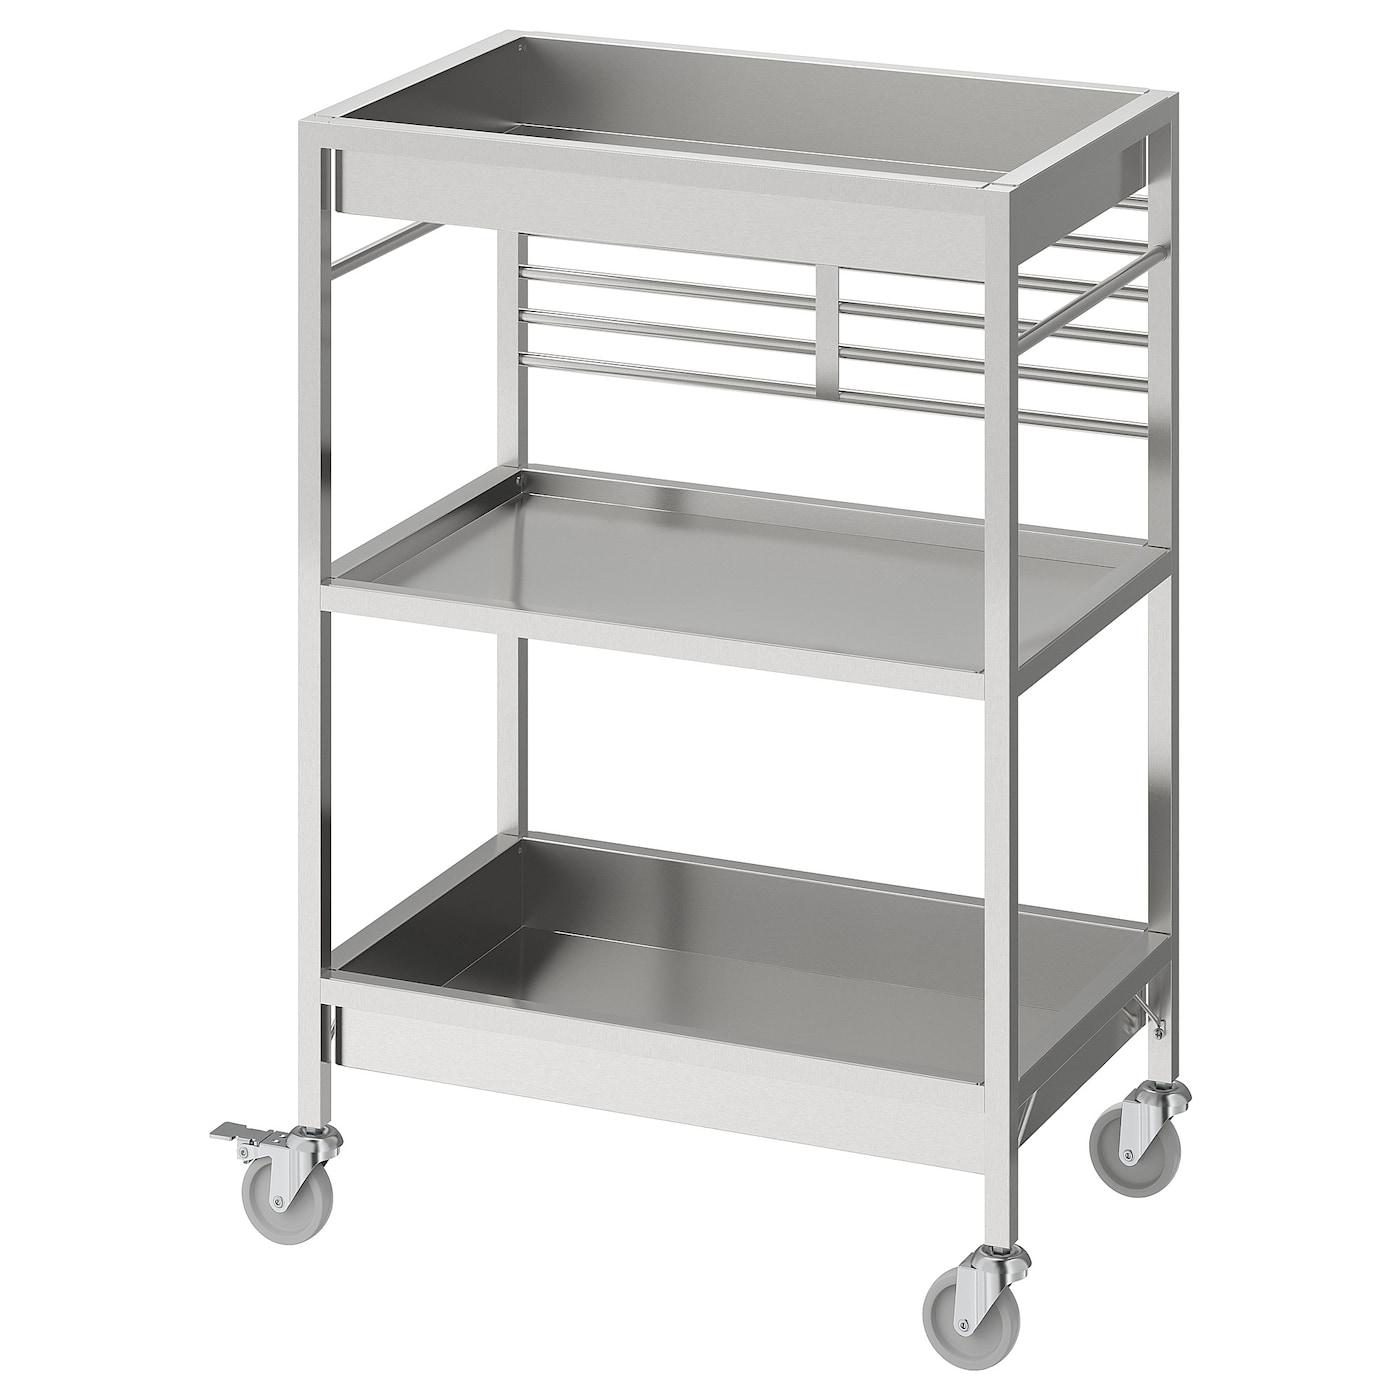 Kjøkkenøyer og trillebord til kjøkken IKEA